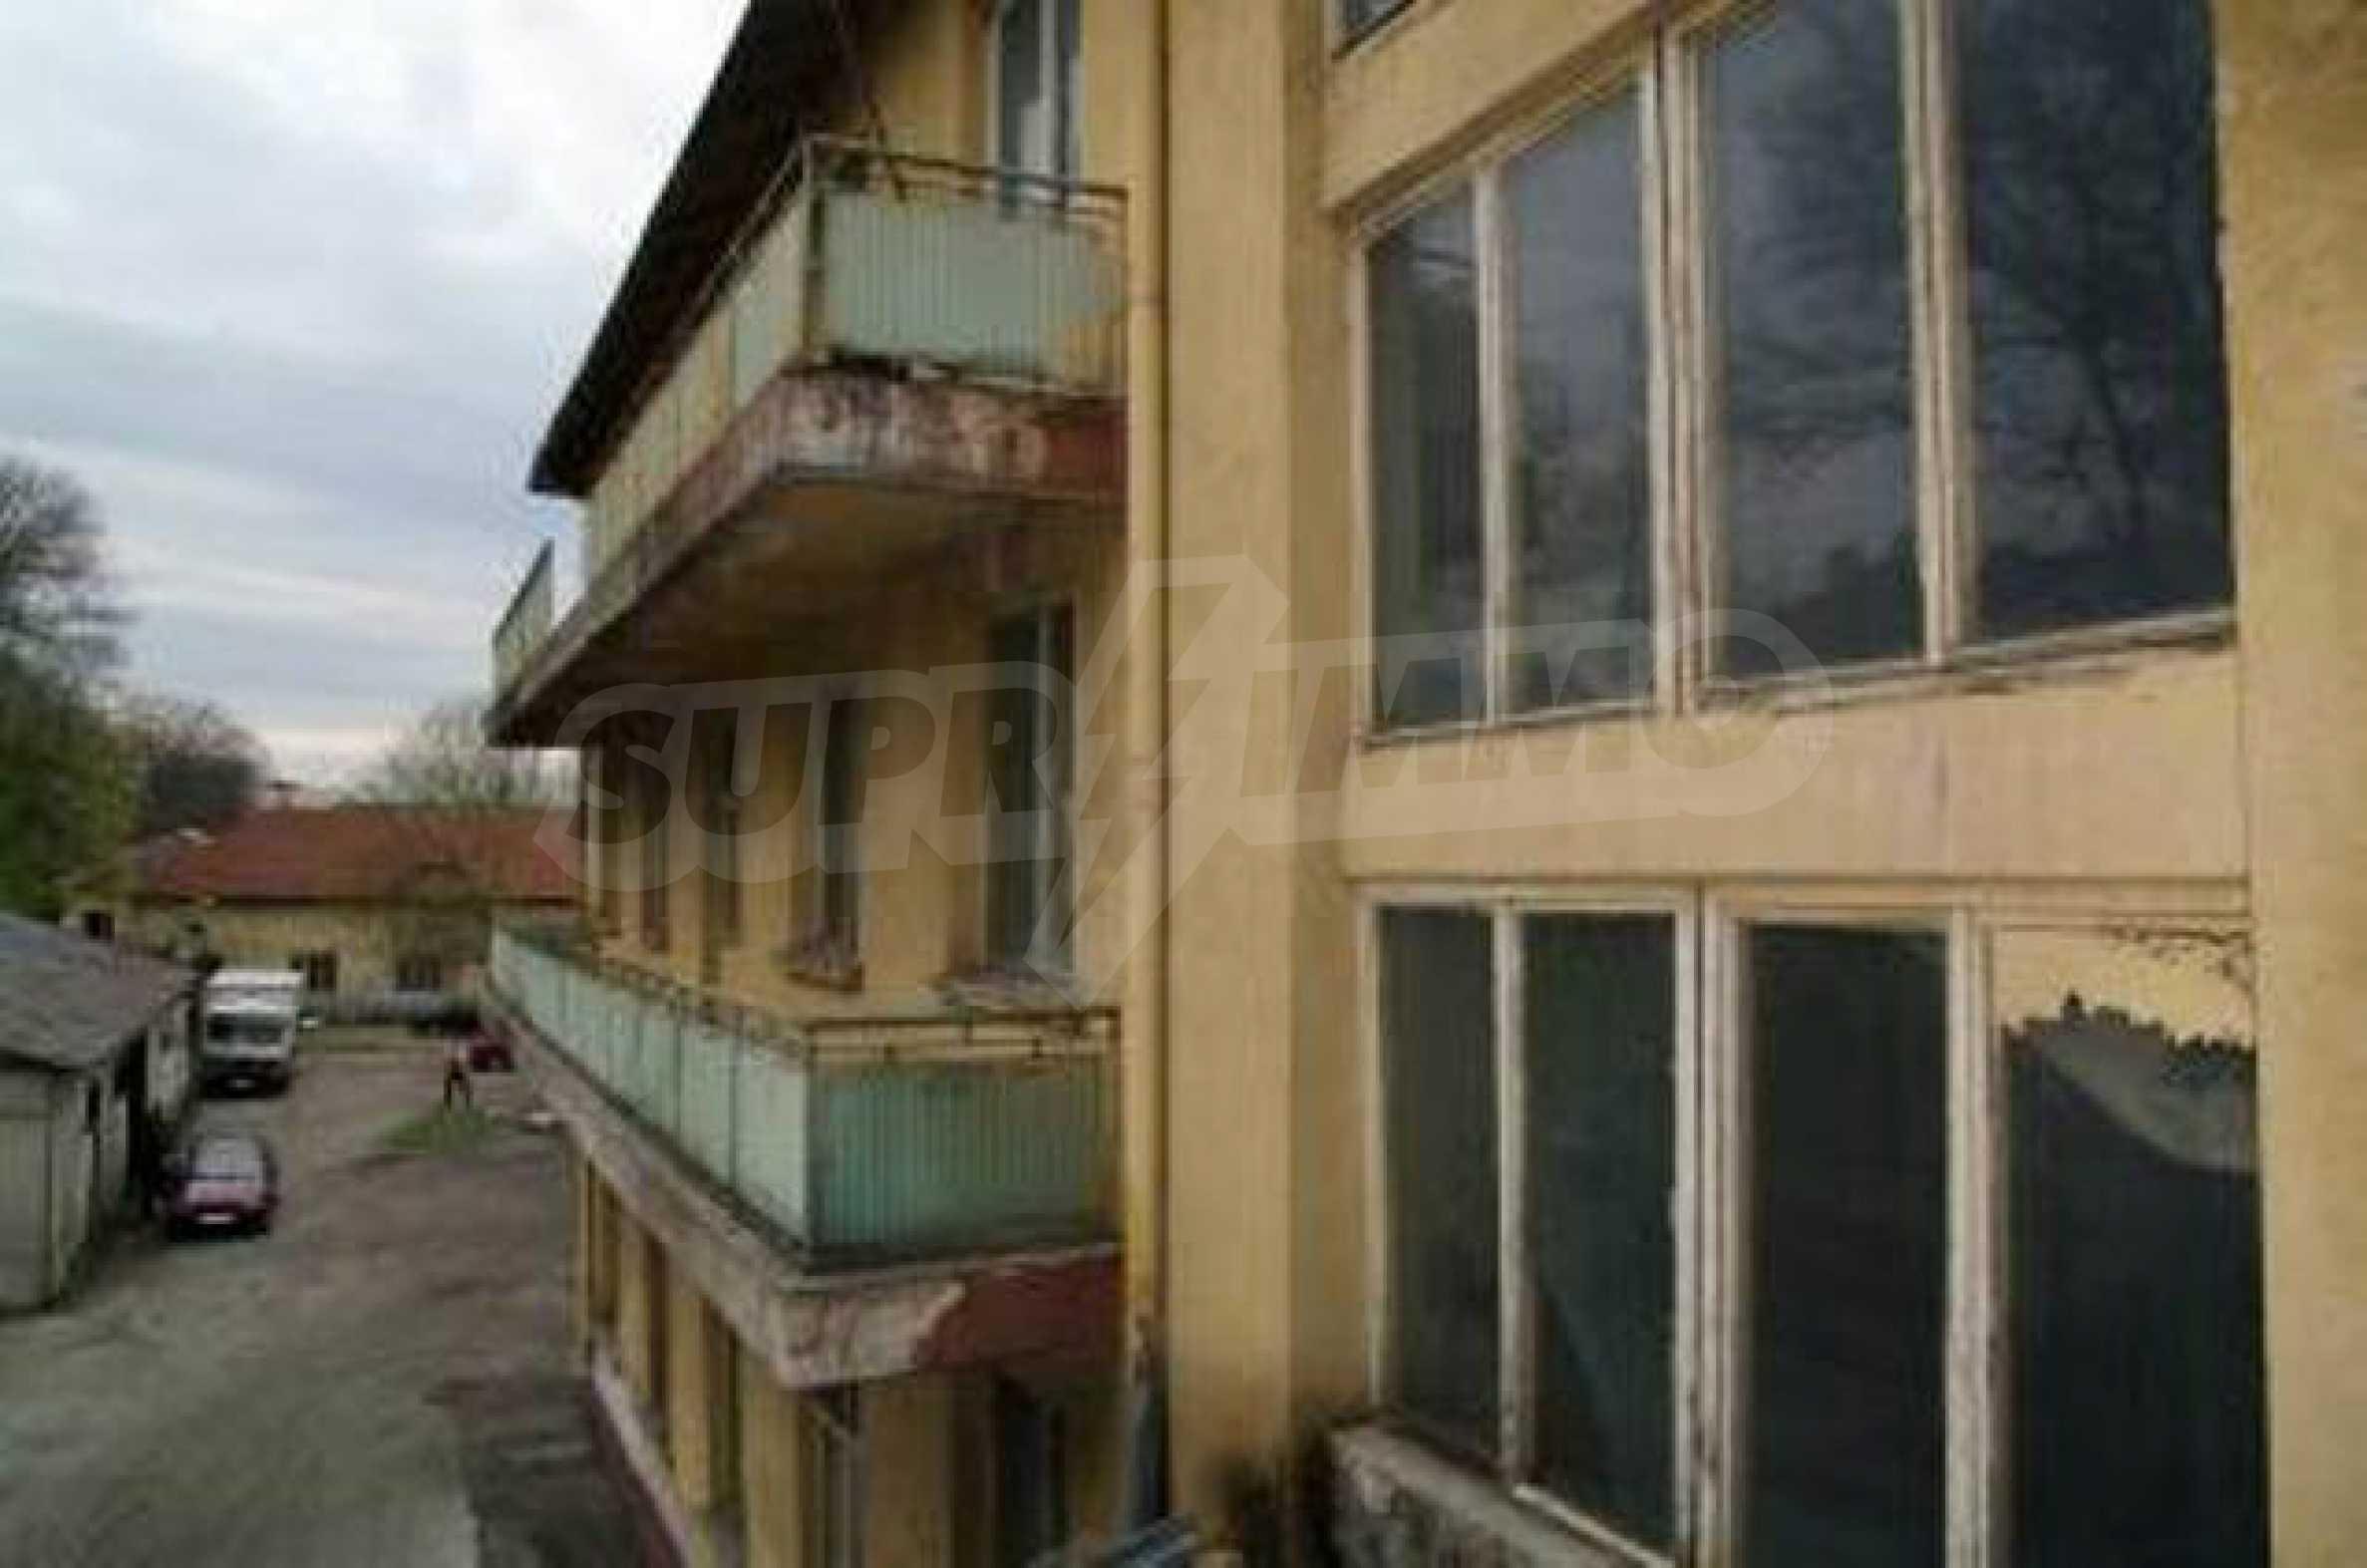 Massives dreistöckiges Lagerhaus in einer Stadt 40 km von Veliko Tarnovo entfernt 4